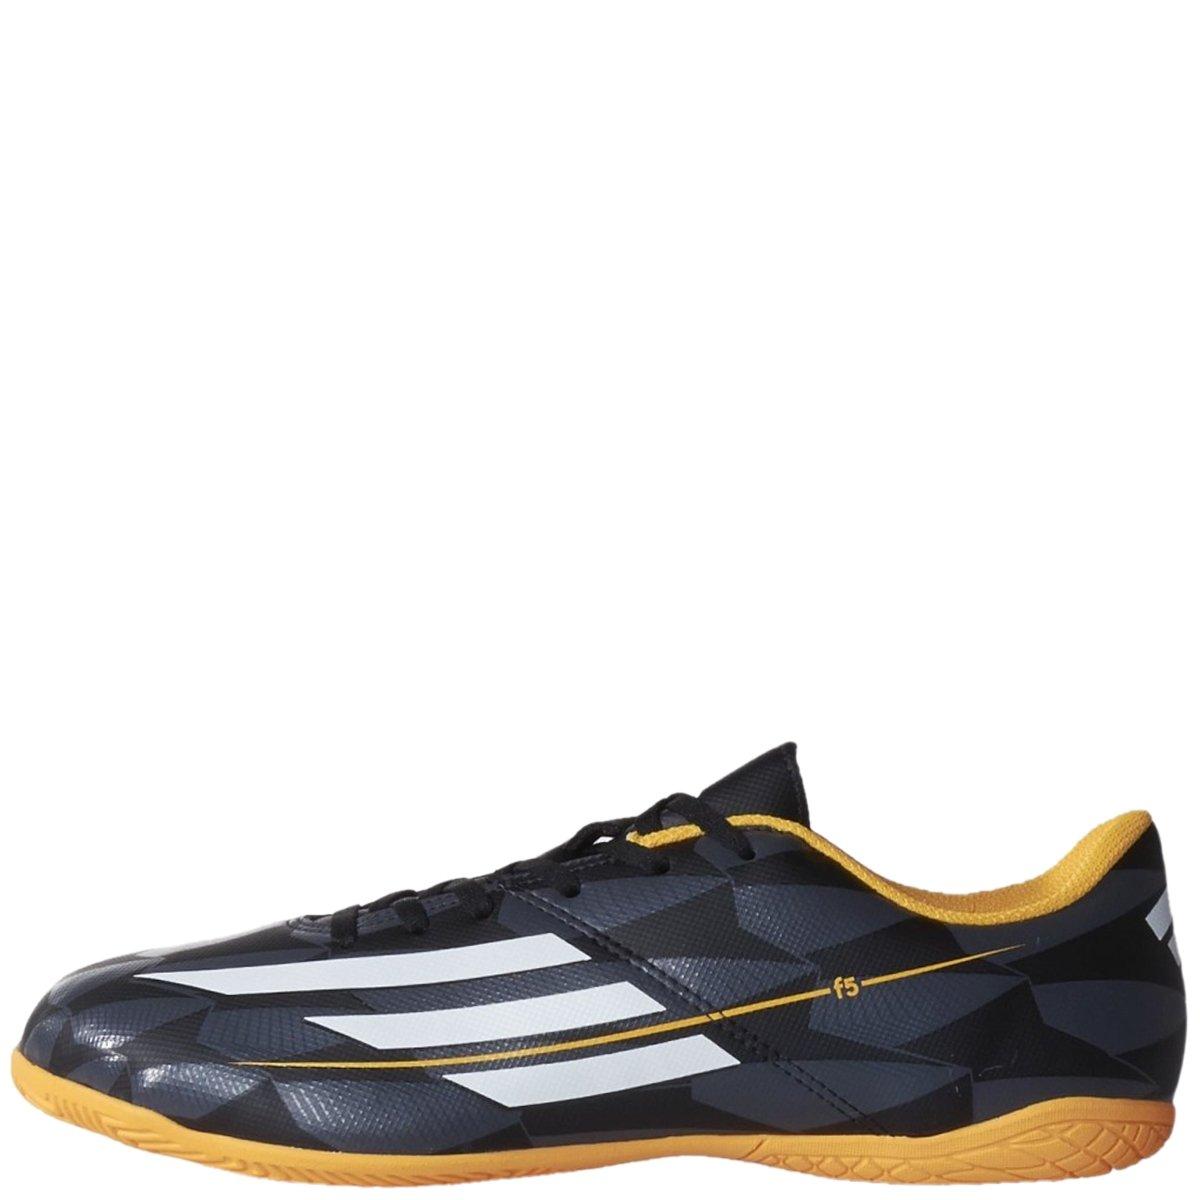 bc98173445 Bizz Store - Chuteira Futsal Adidas F5 IN Masculina Preta Couro